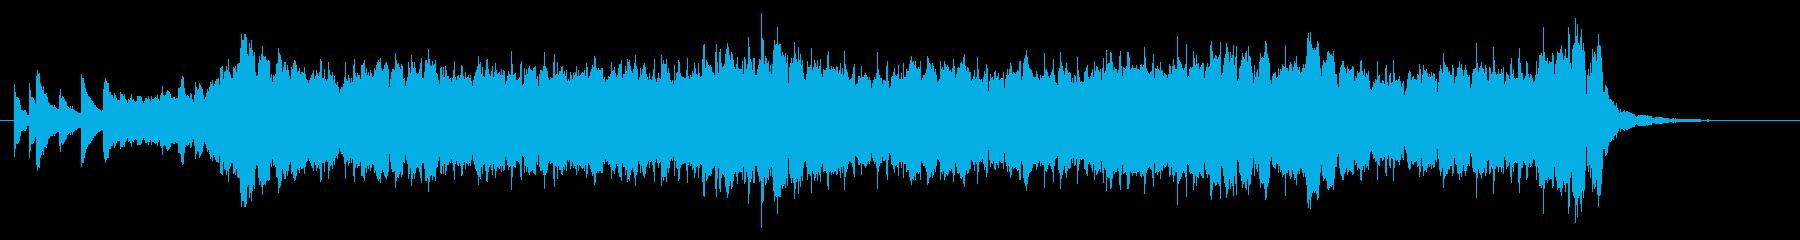 誕生日の歌(ダンスver) 【カラオケ】の再生済みの波形